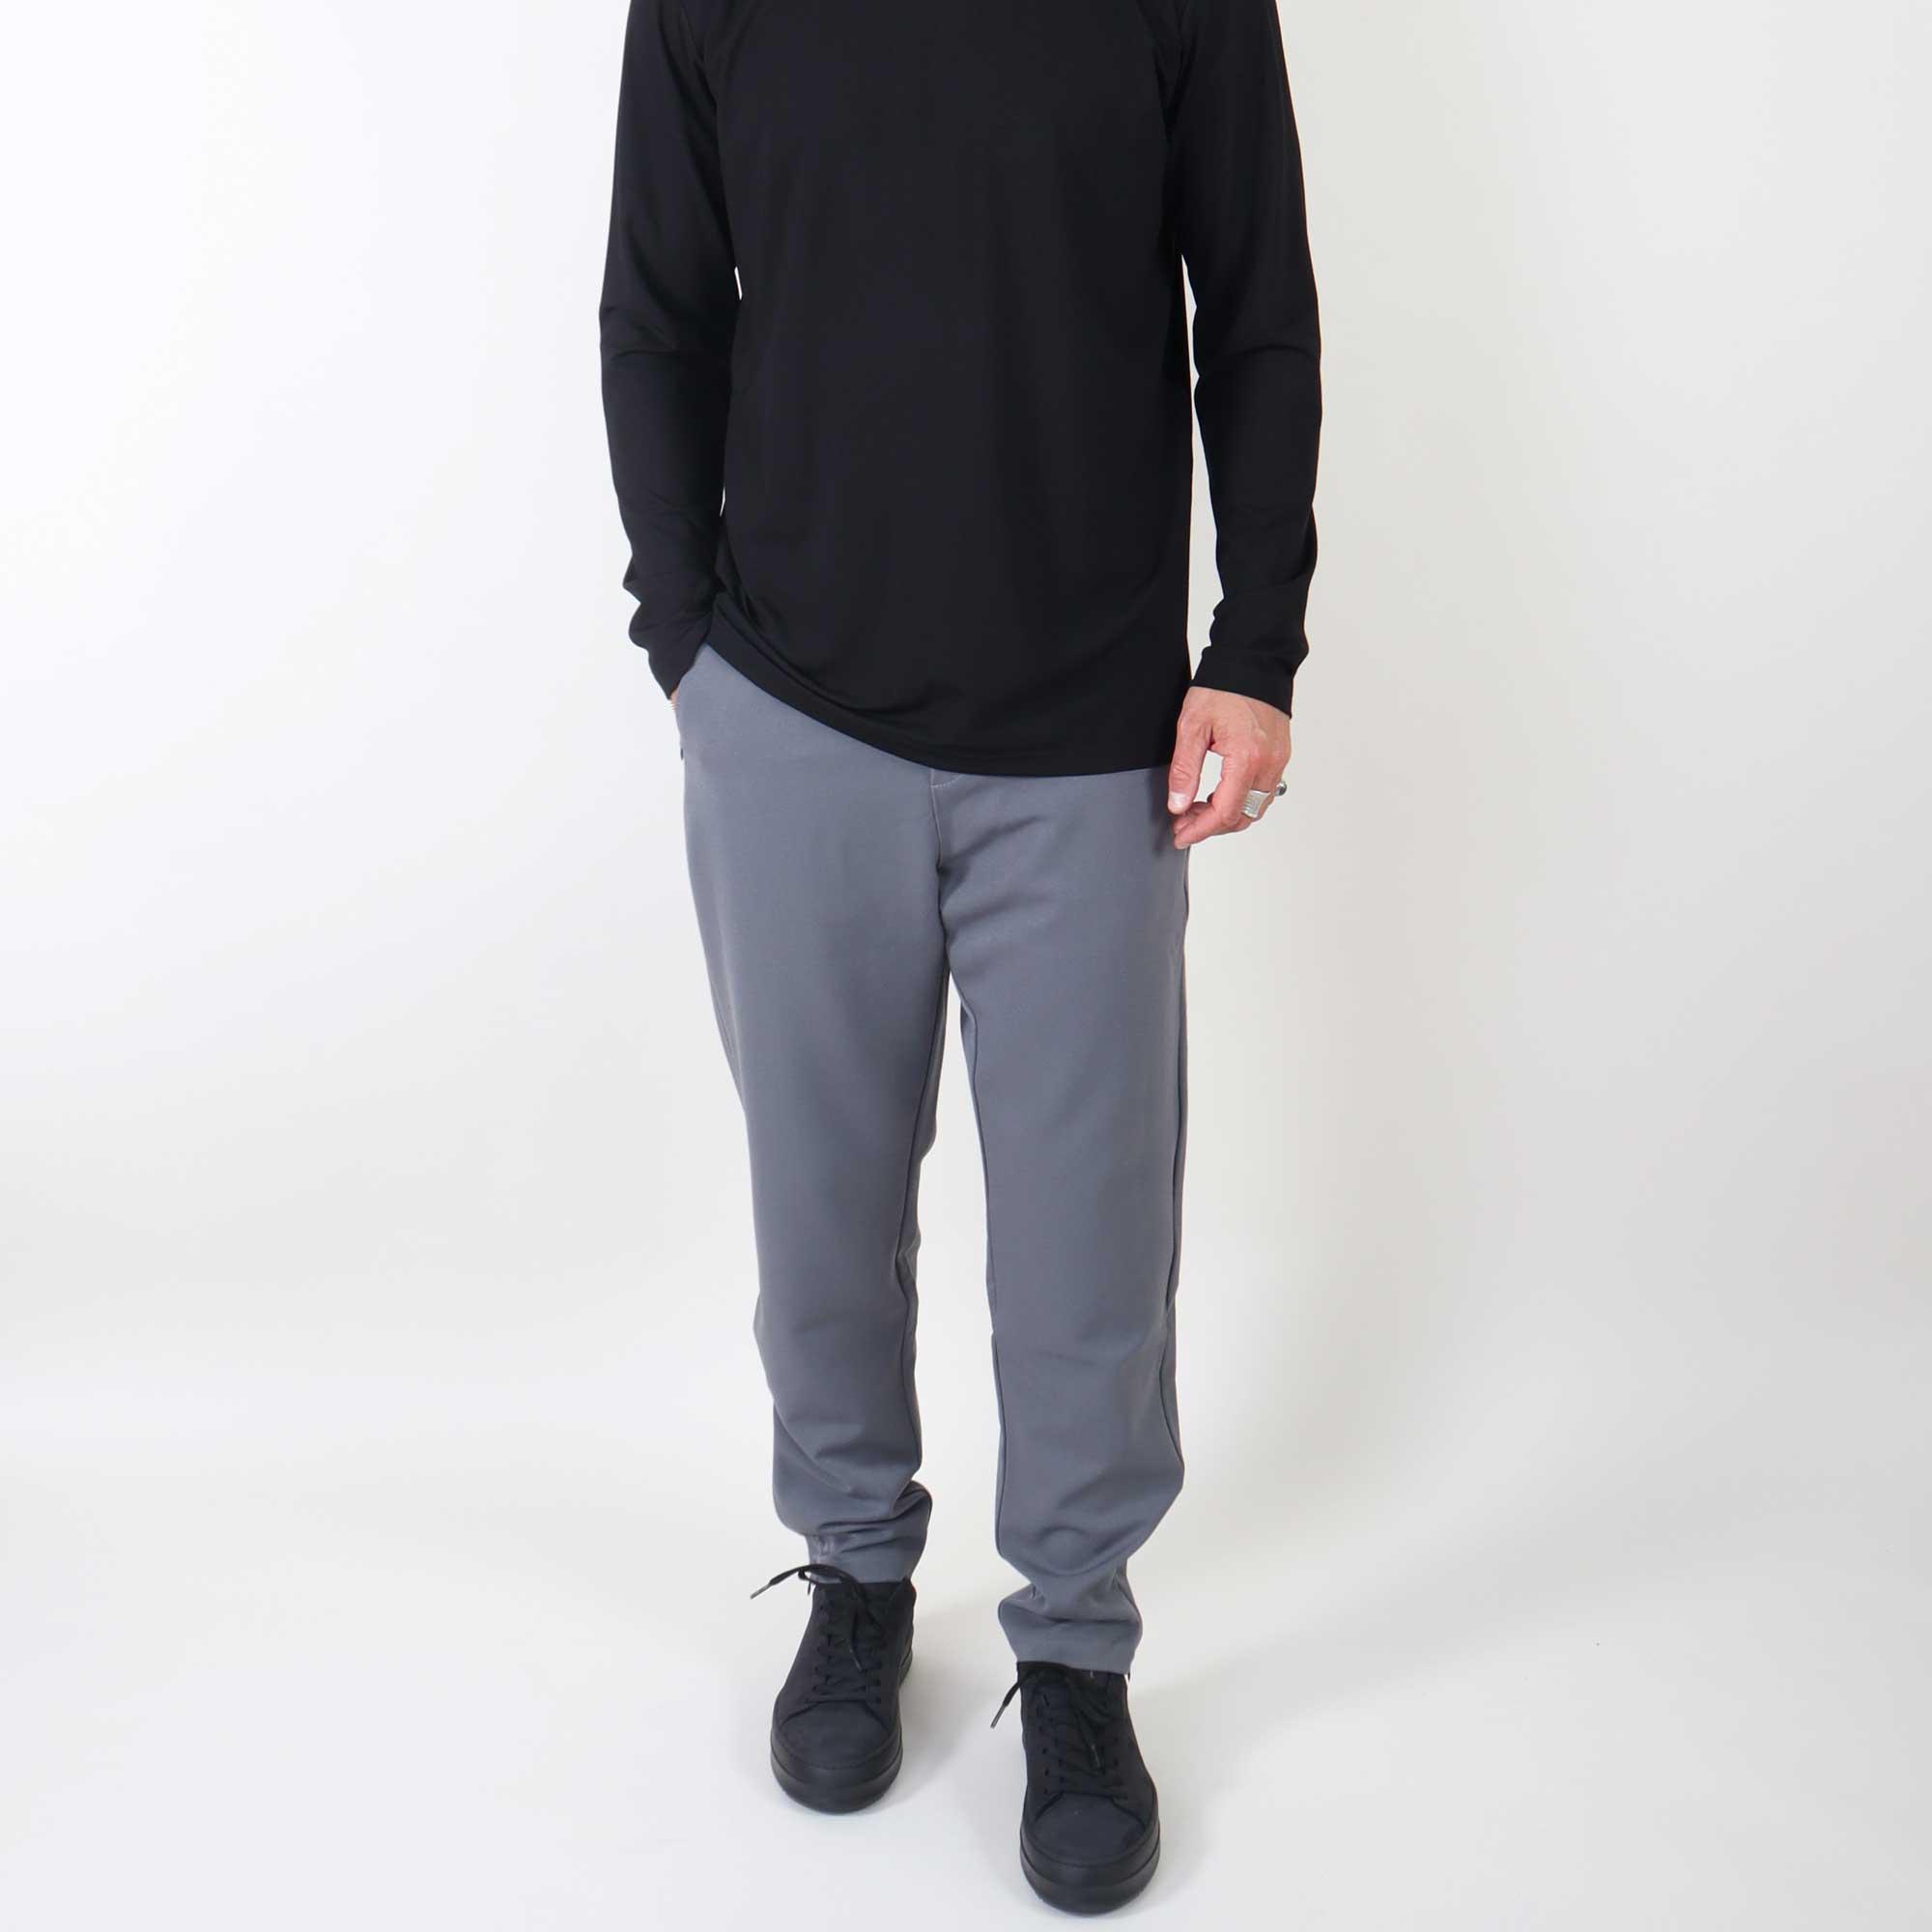 pantalon-grijs-4